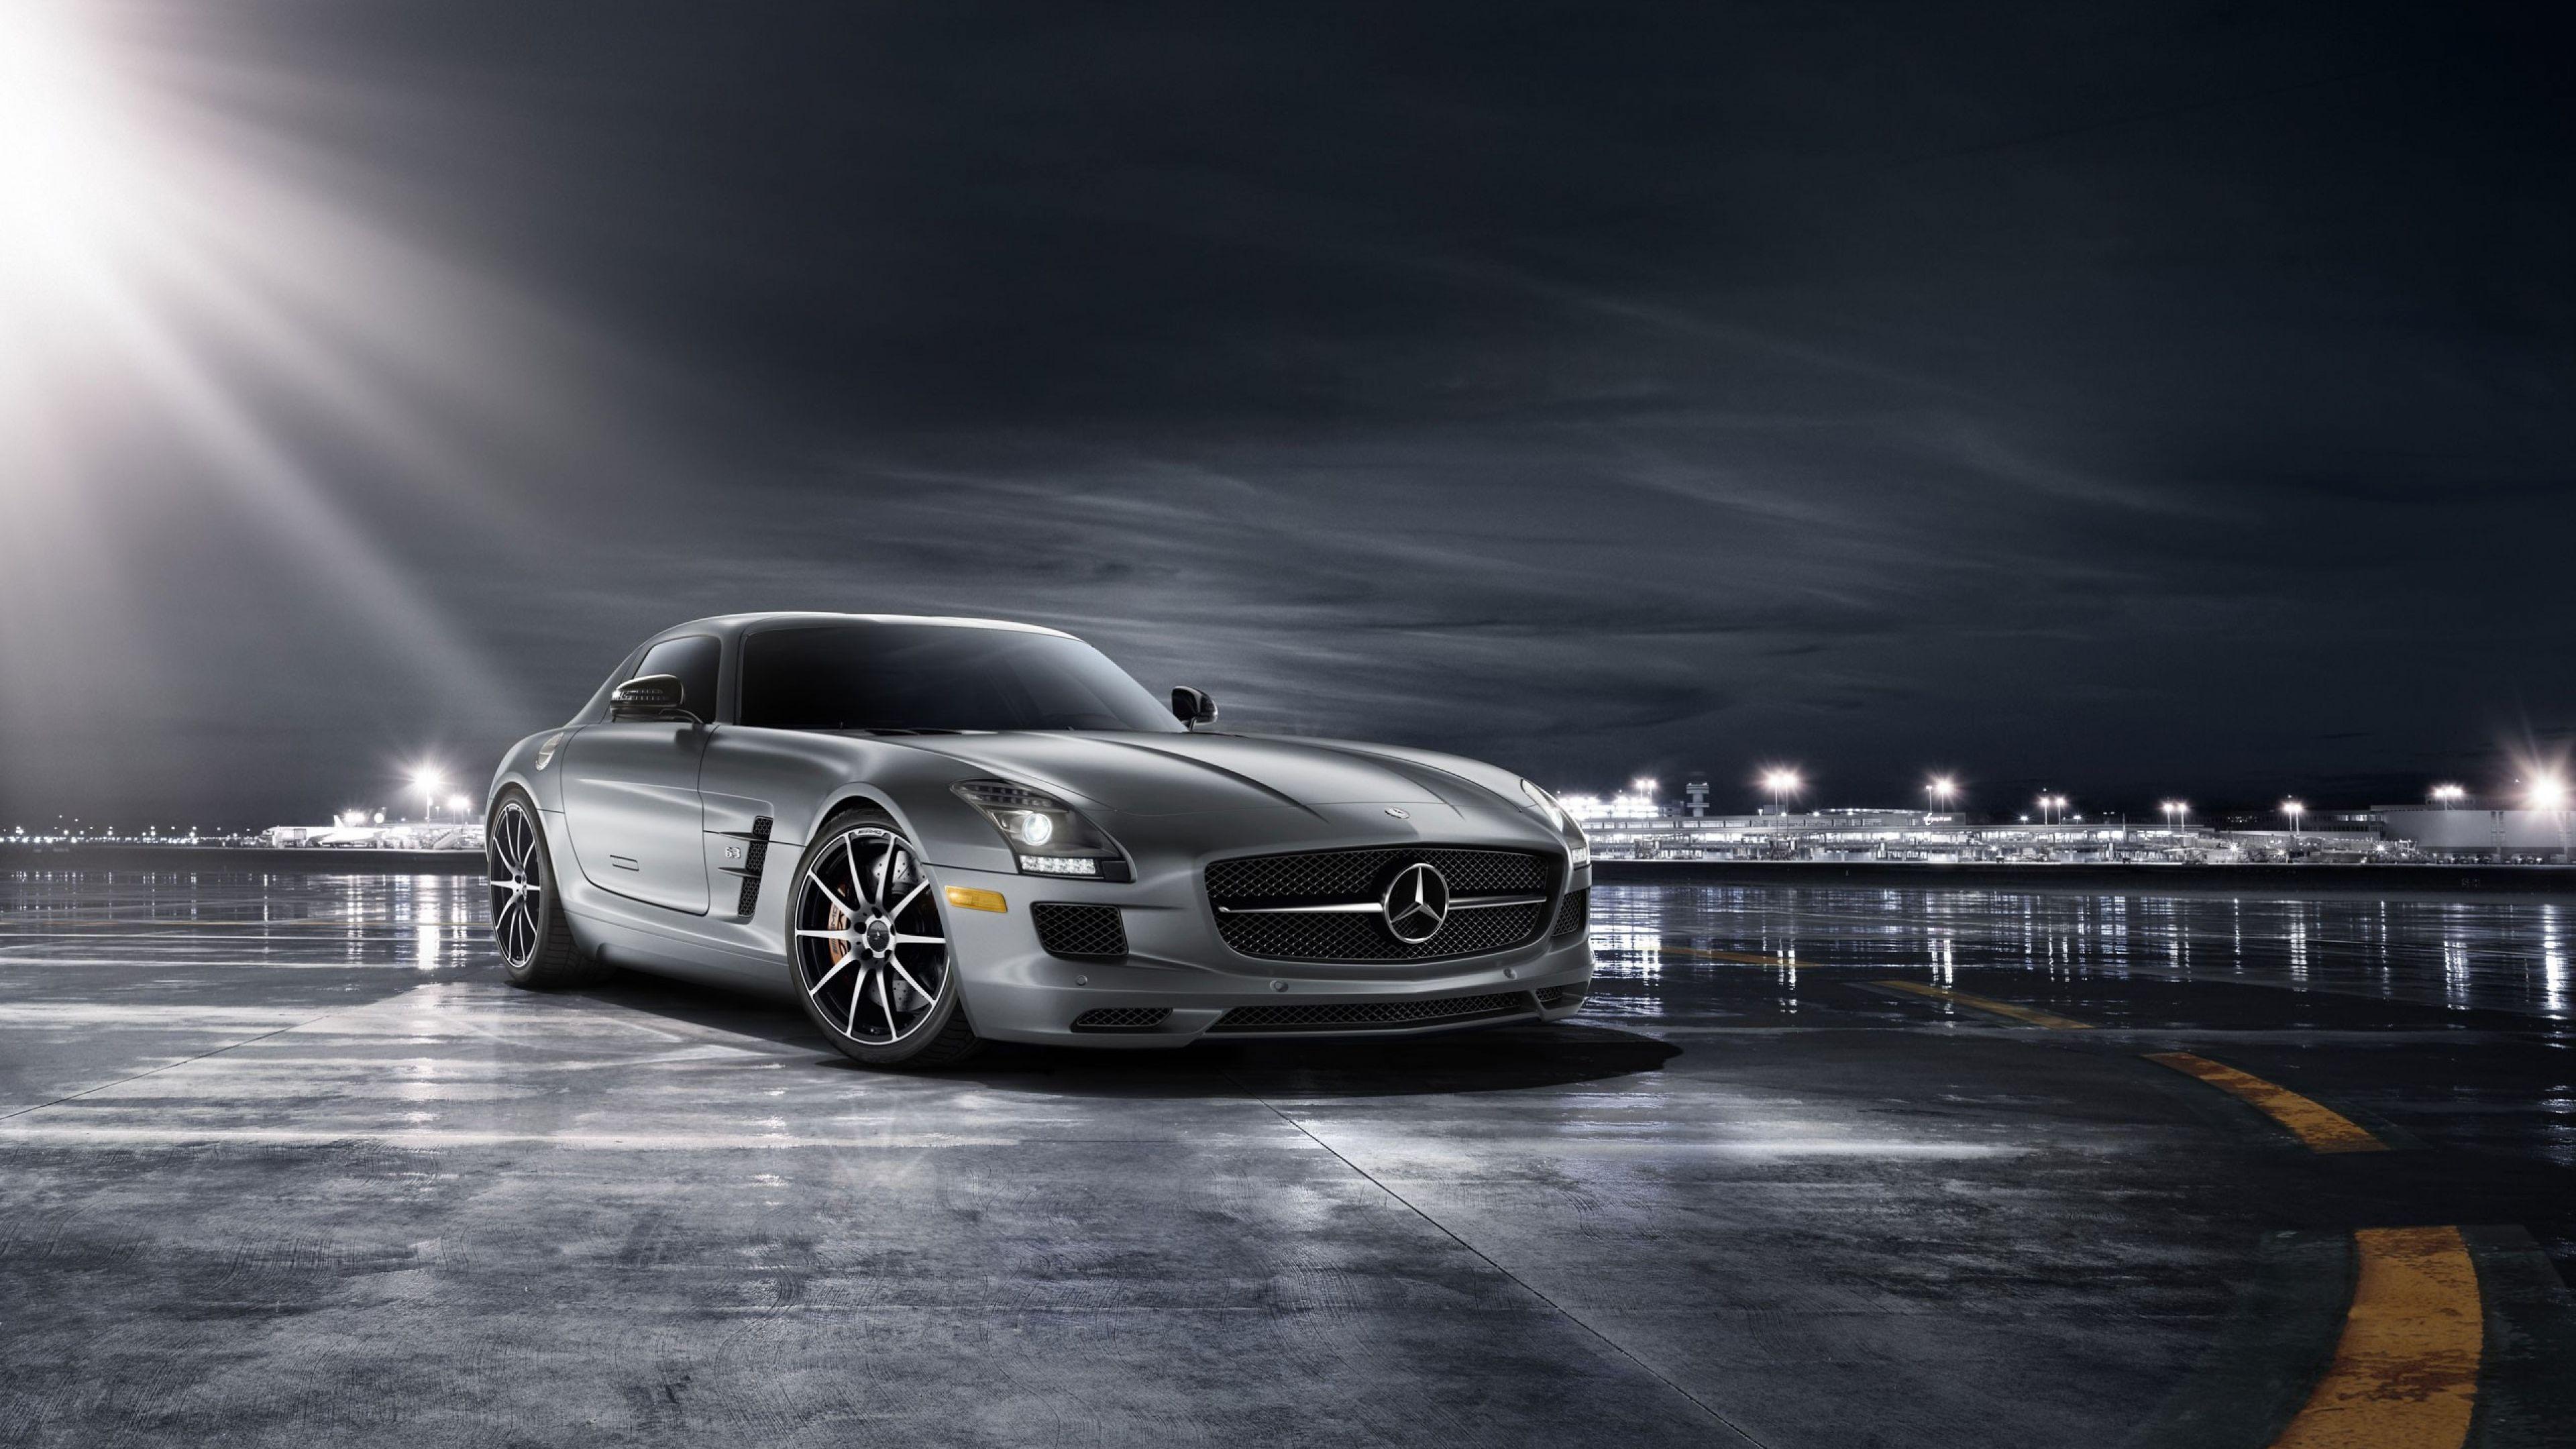 2012 mercedes benz c63 amg car wallpaper wallpaper free download -  Mercedes Benz Mercedes Pinterest Mercedes Benz